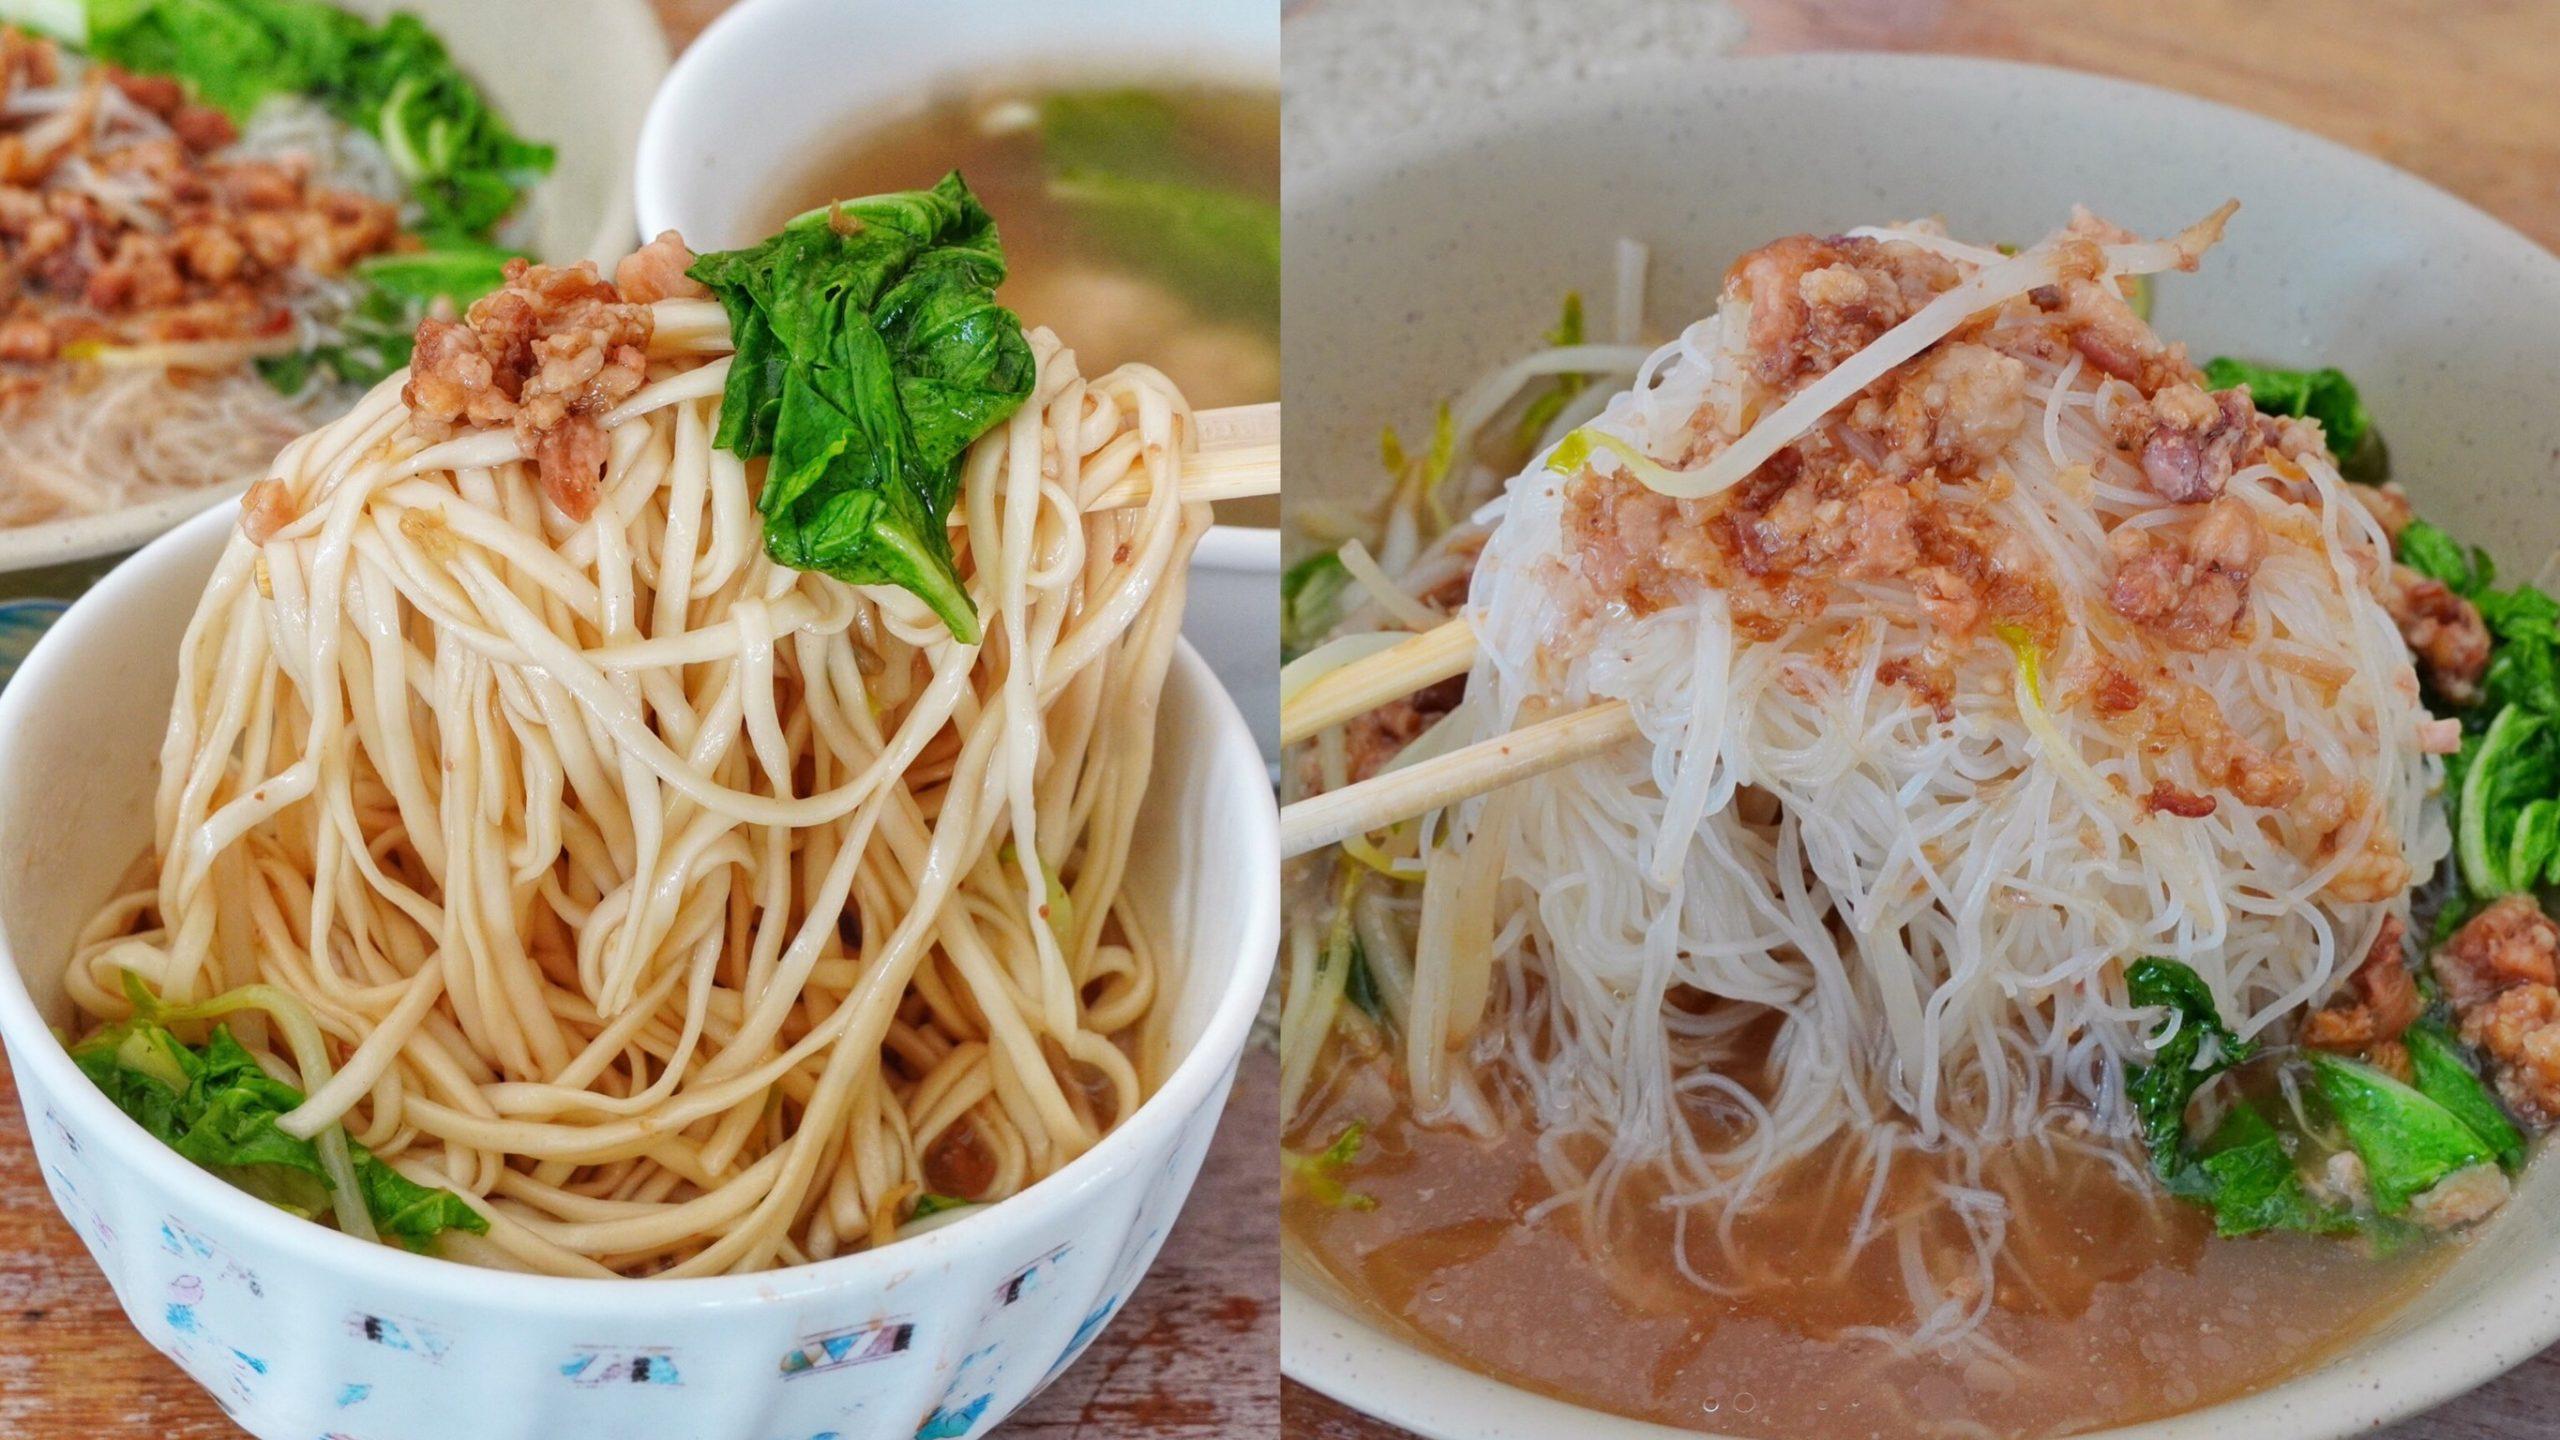 【台南美食】乾麵/湯品通通均一價20元!這什麼神奇價格!超佛心銅板美食就在台南 – 大溝乾麵